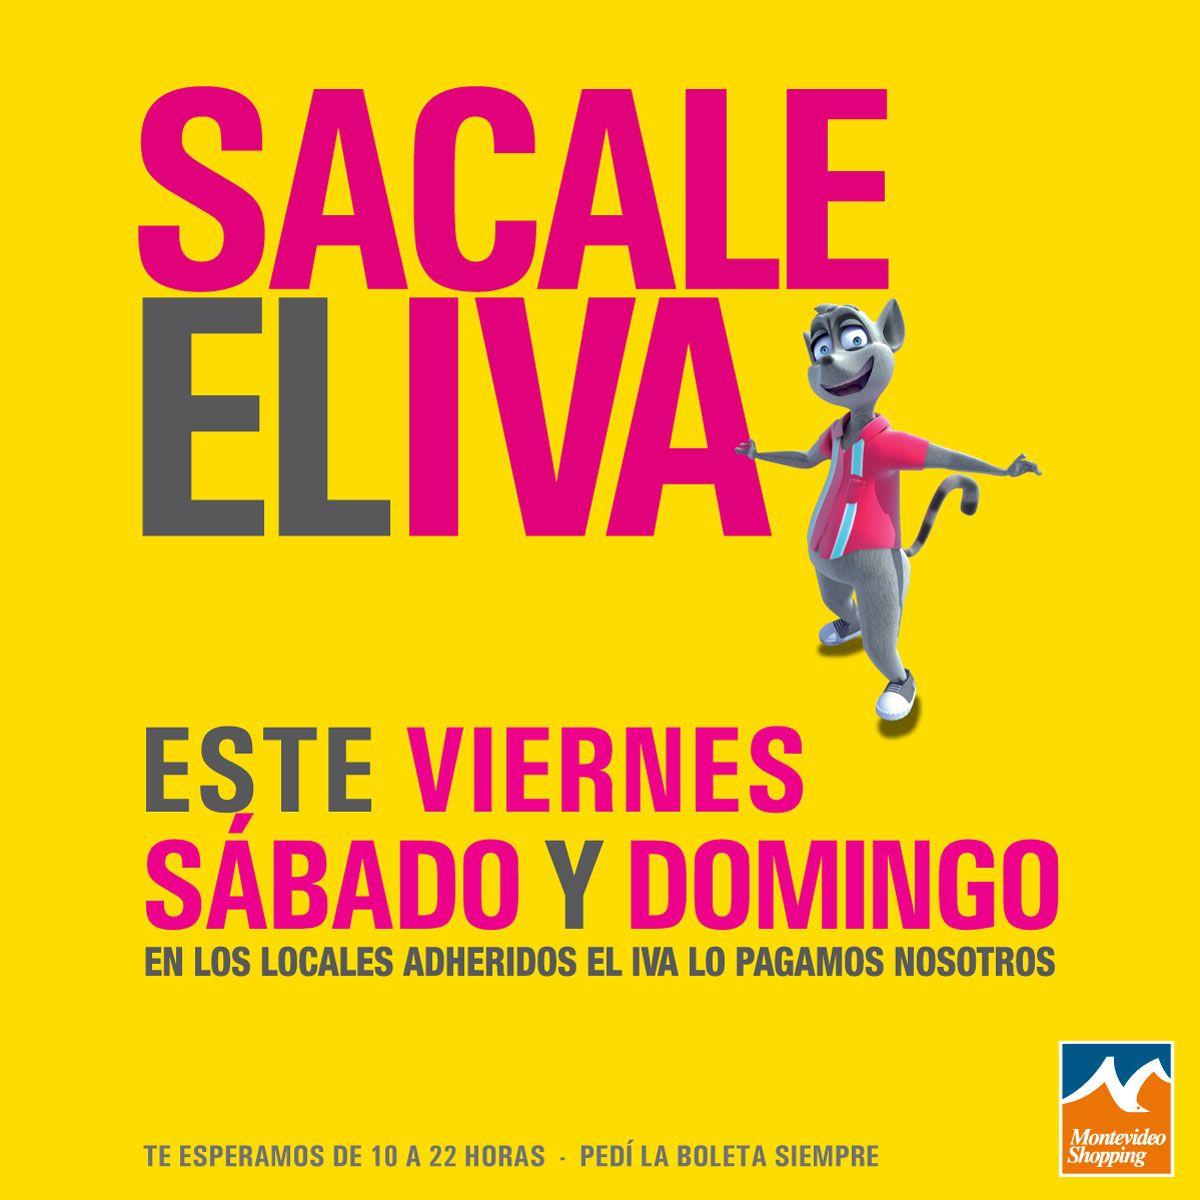 #SacaleElIva, del 7 al 9 de Noviembre el IVA lo pagamos nosotros. Te esperamos!